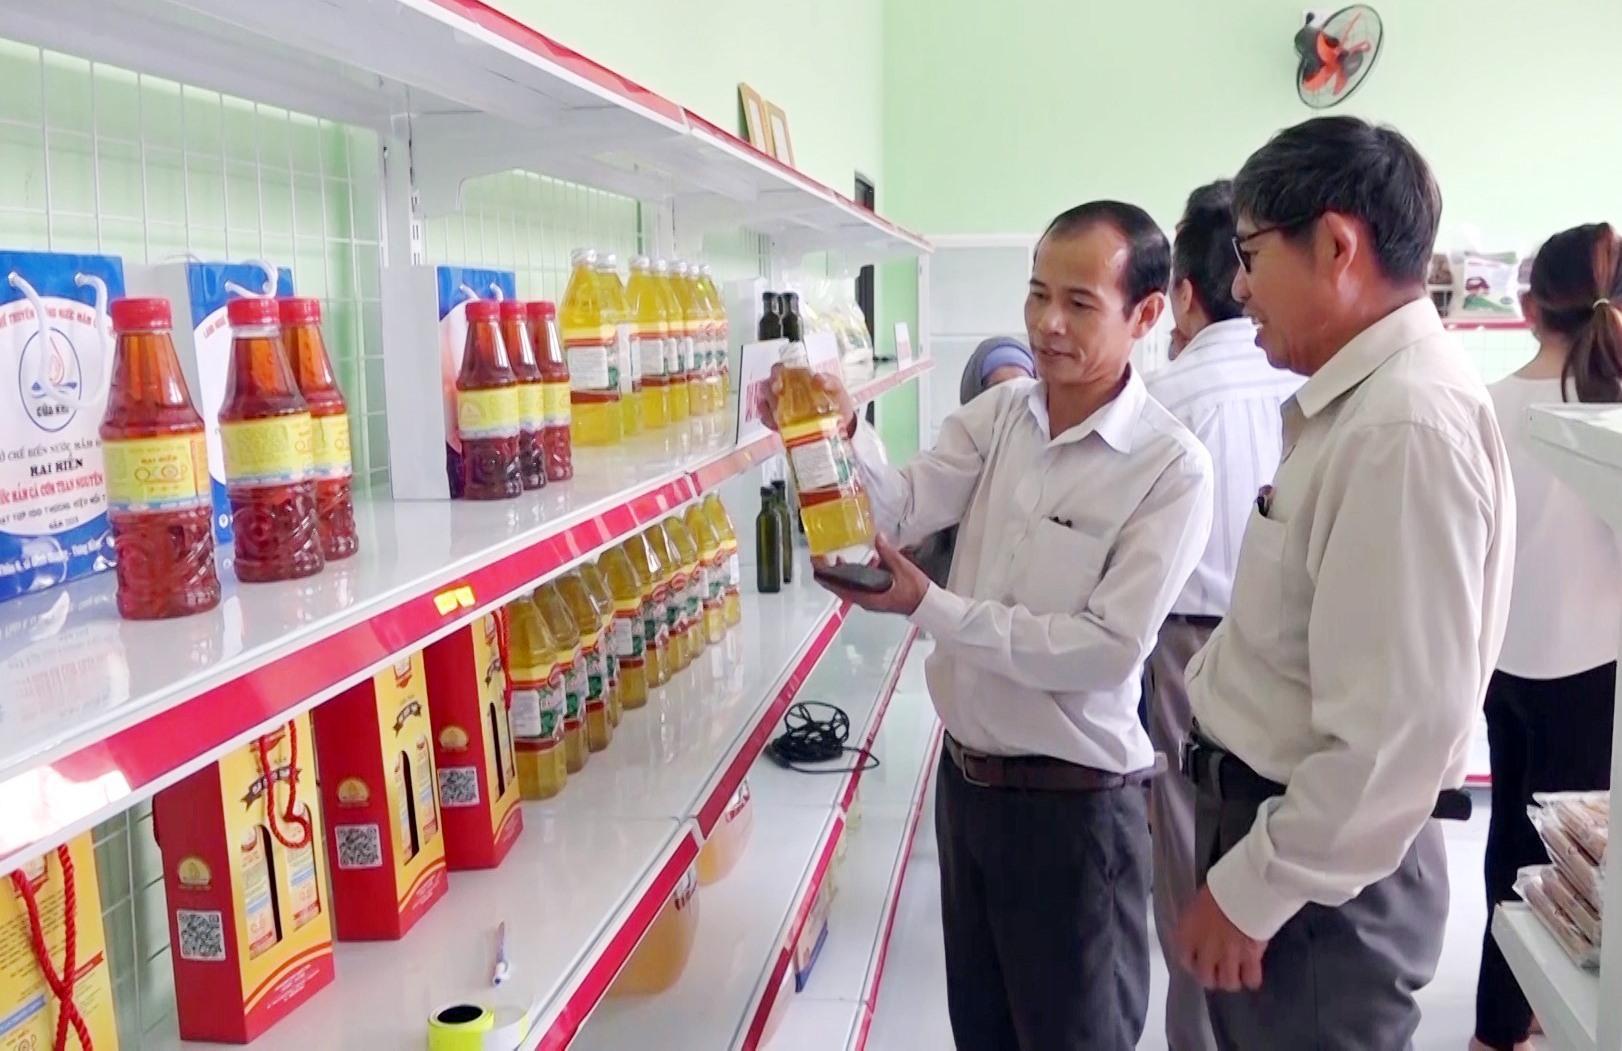 Thăng Bình chú trọng phát triển các sản phẩm đạt chuẩn OCOP. Ảnh: M.T